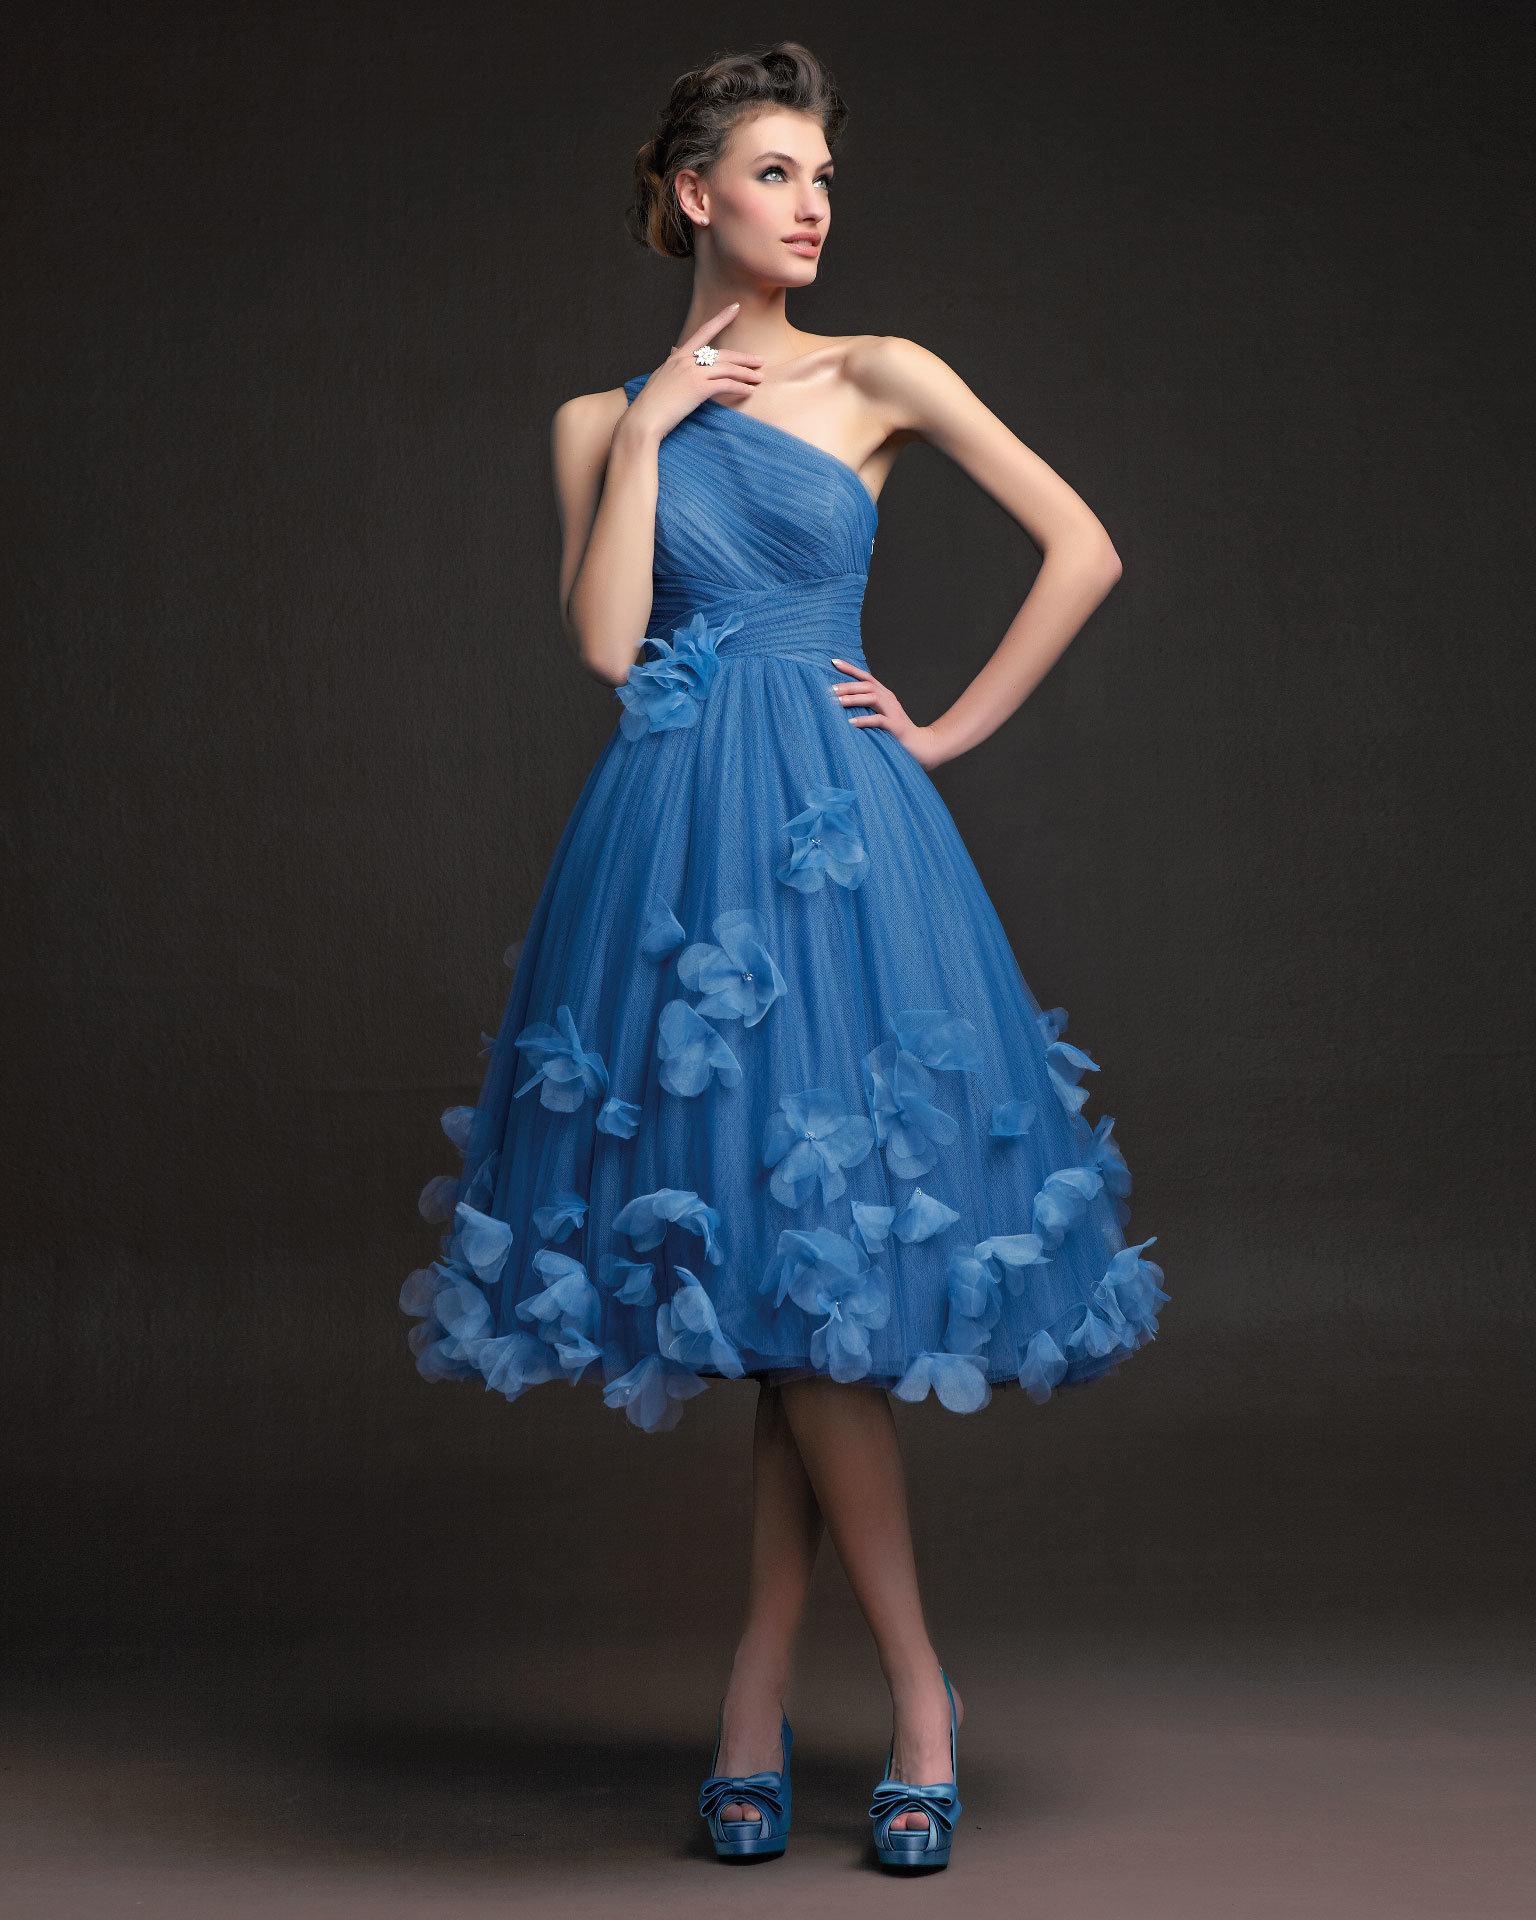 Вечерние платья молодые 13 фотография